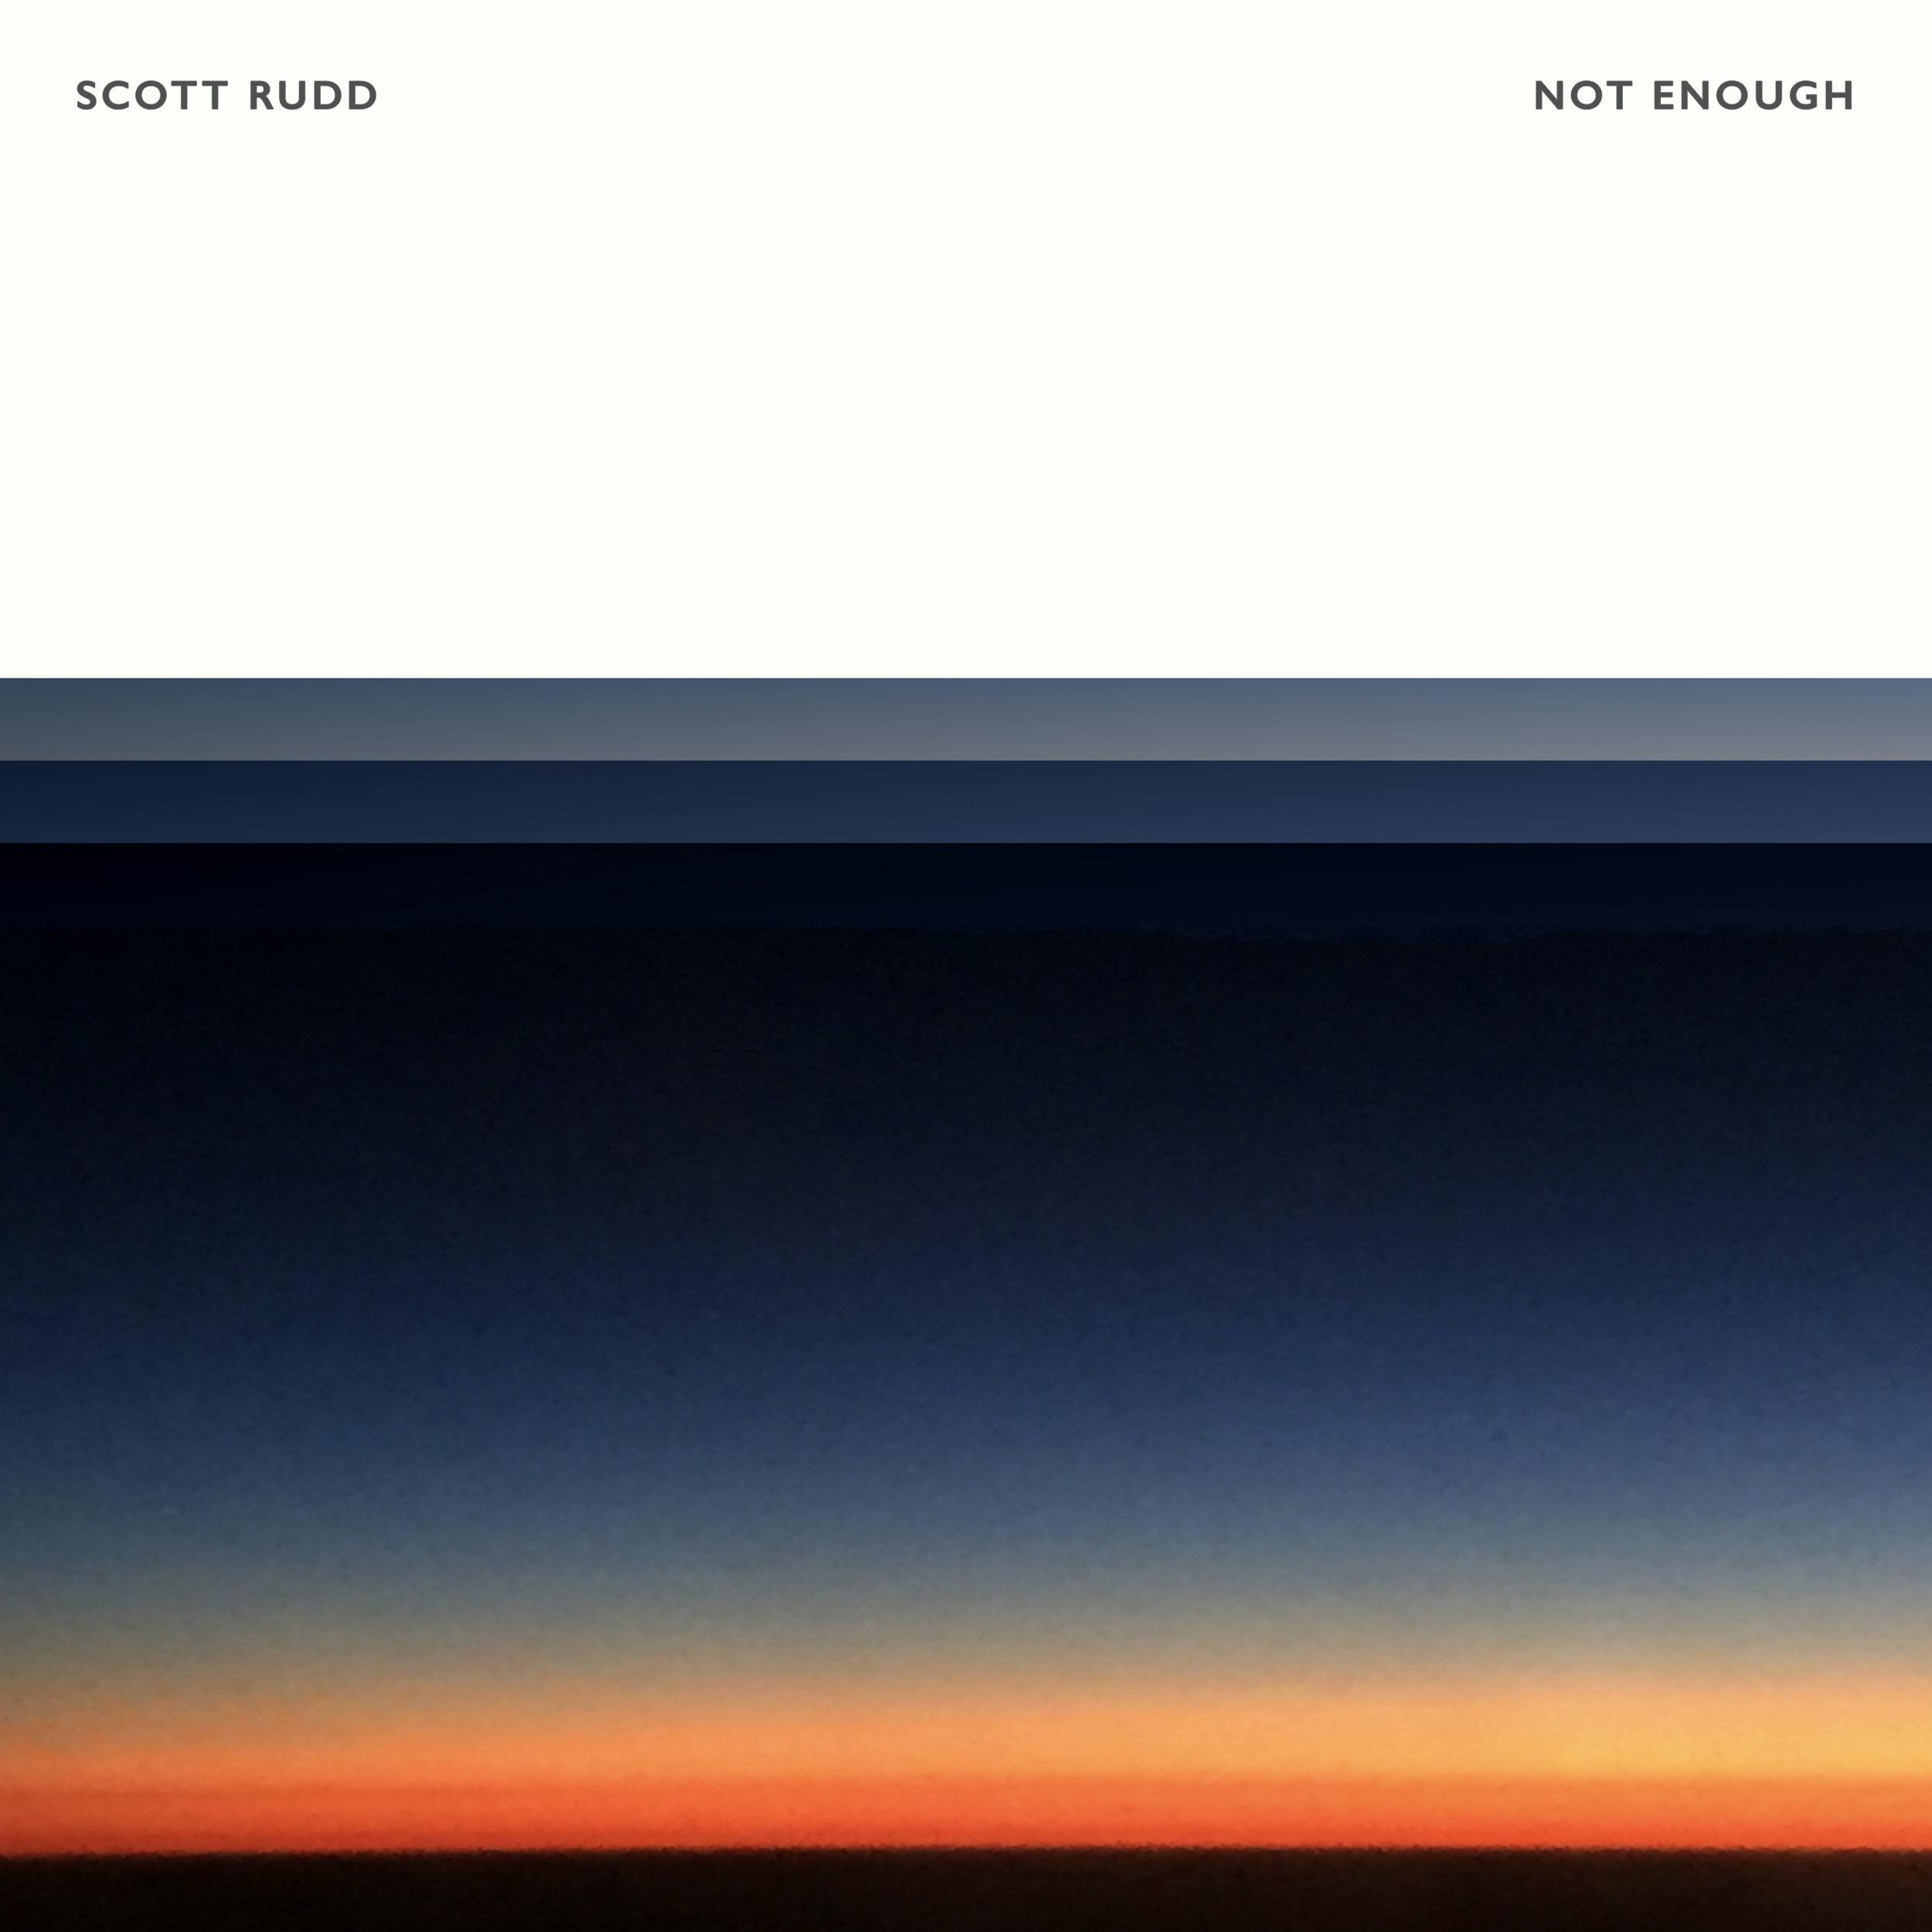 Scott Rudd - Not Enough